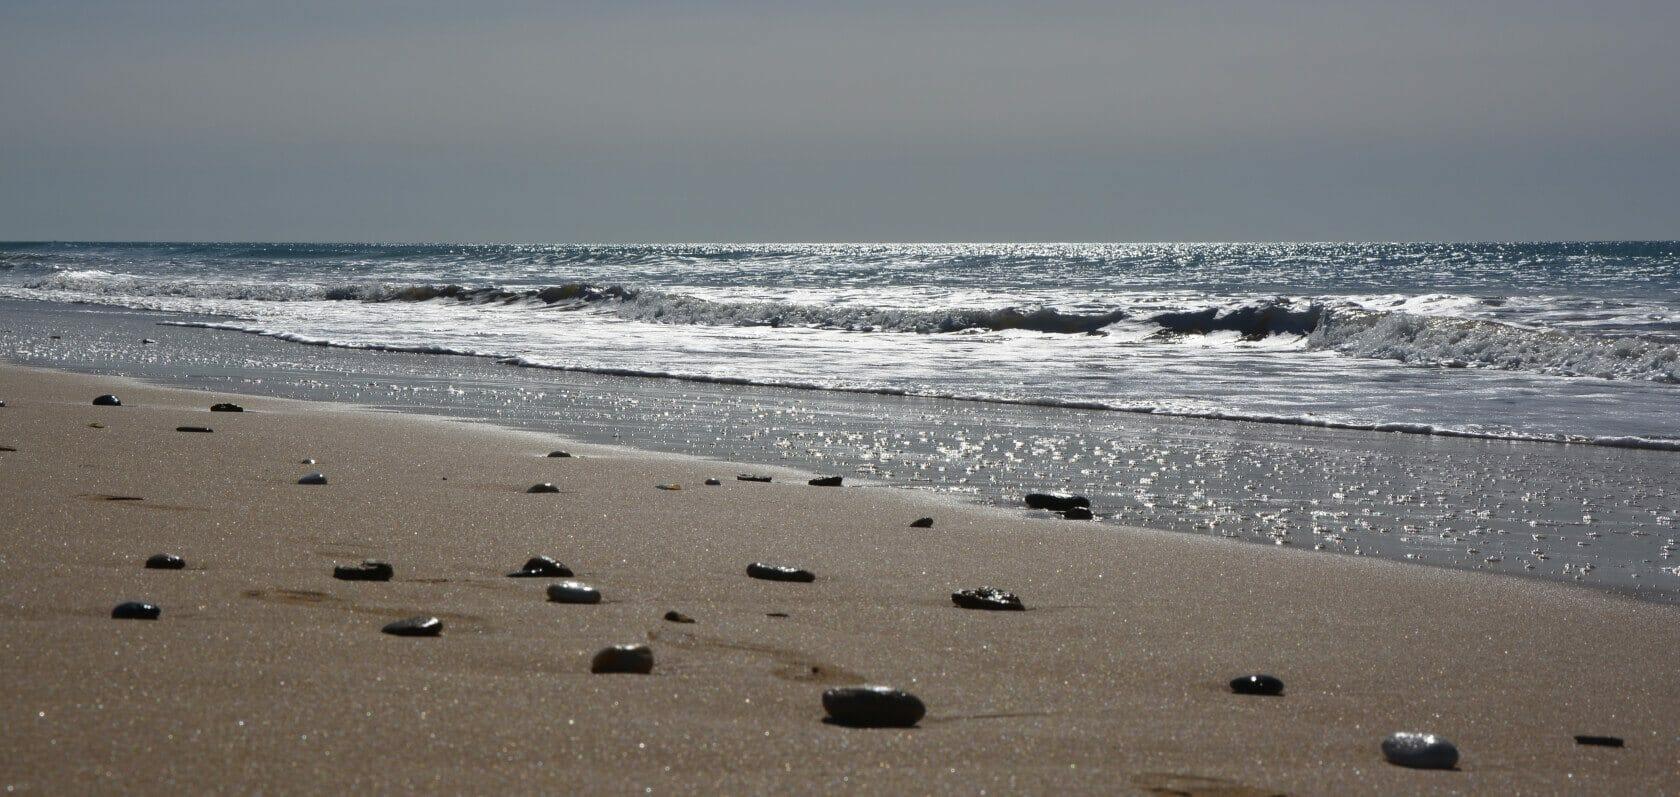 Qi Gong Urlaub am Meer - Steine auf Sandstrand am Meer